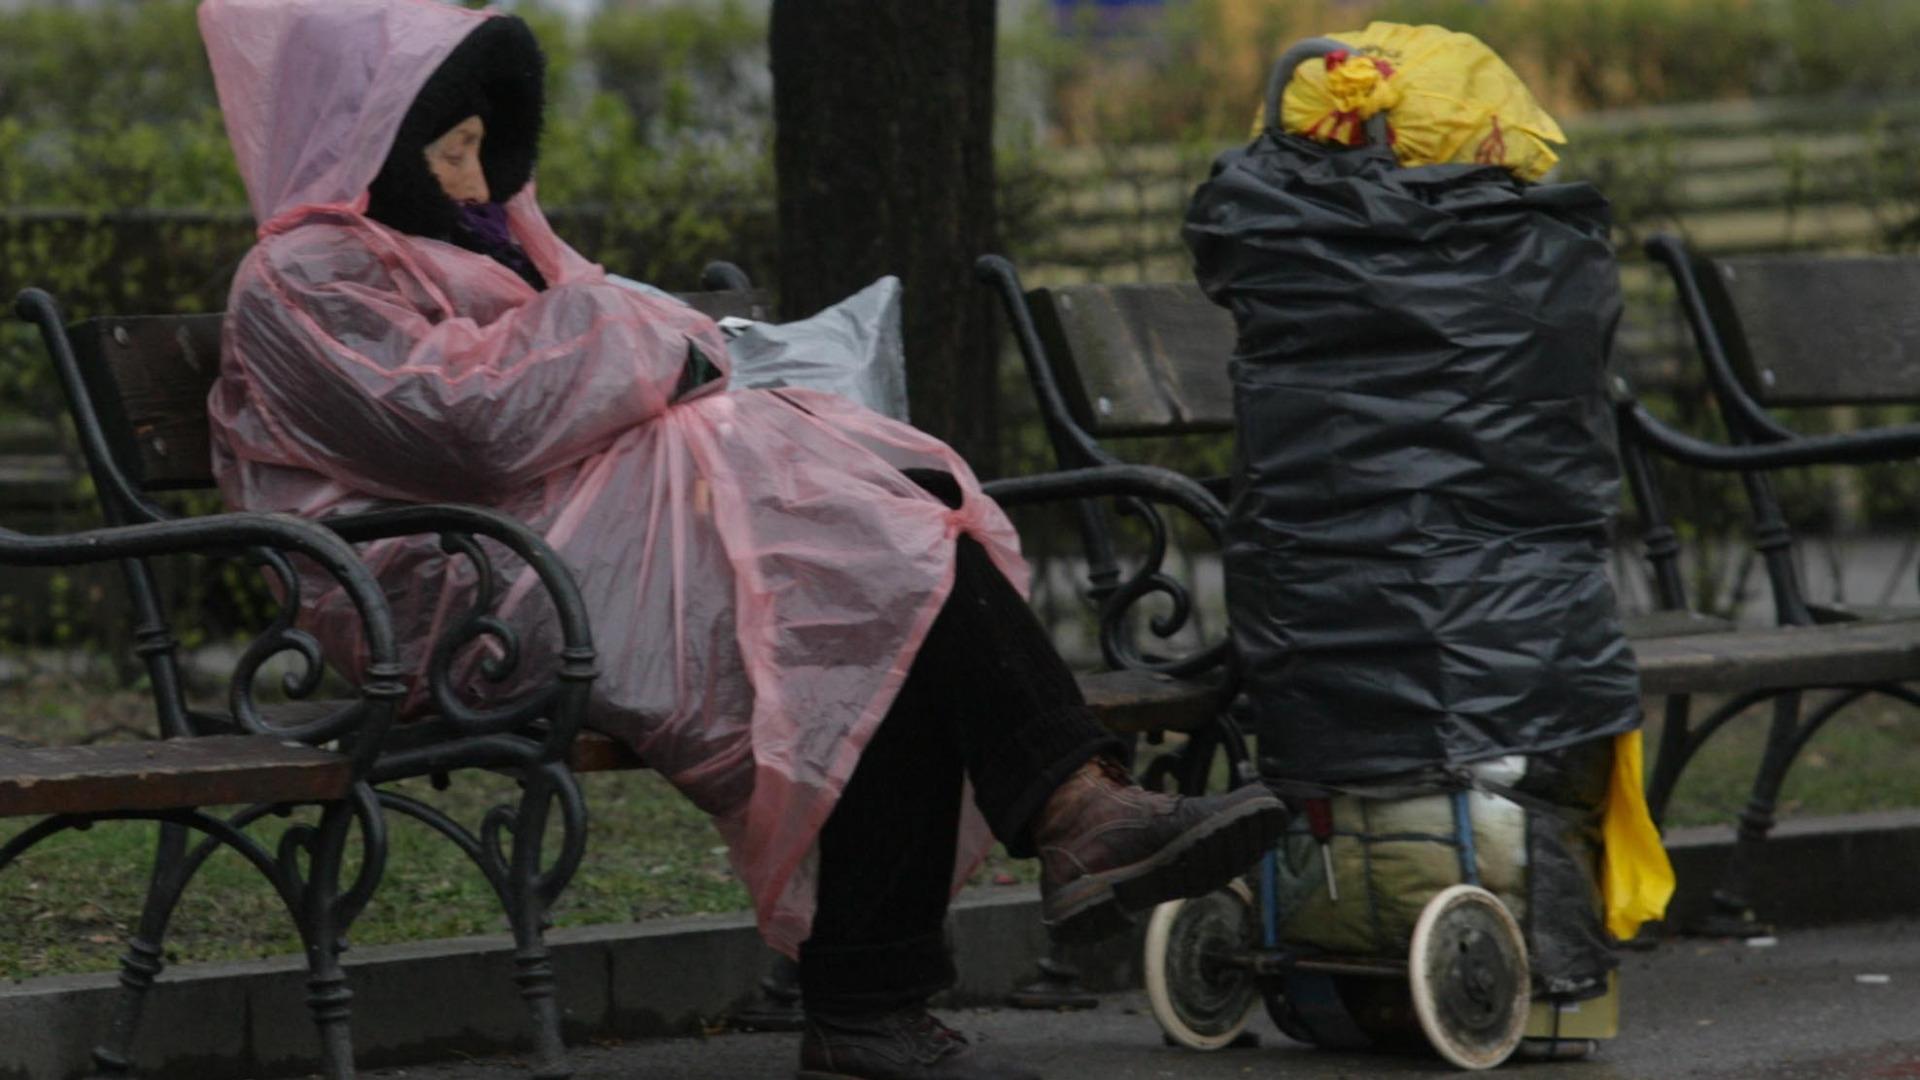 Първият общински приют за бездомни хора във Великотърновска област е